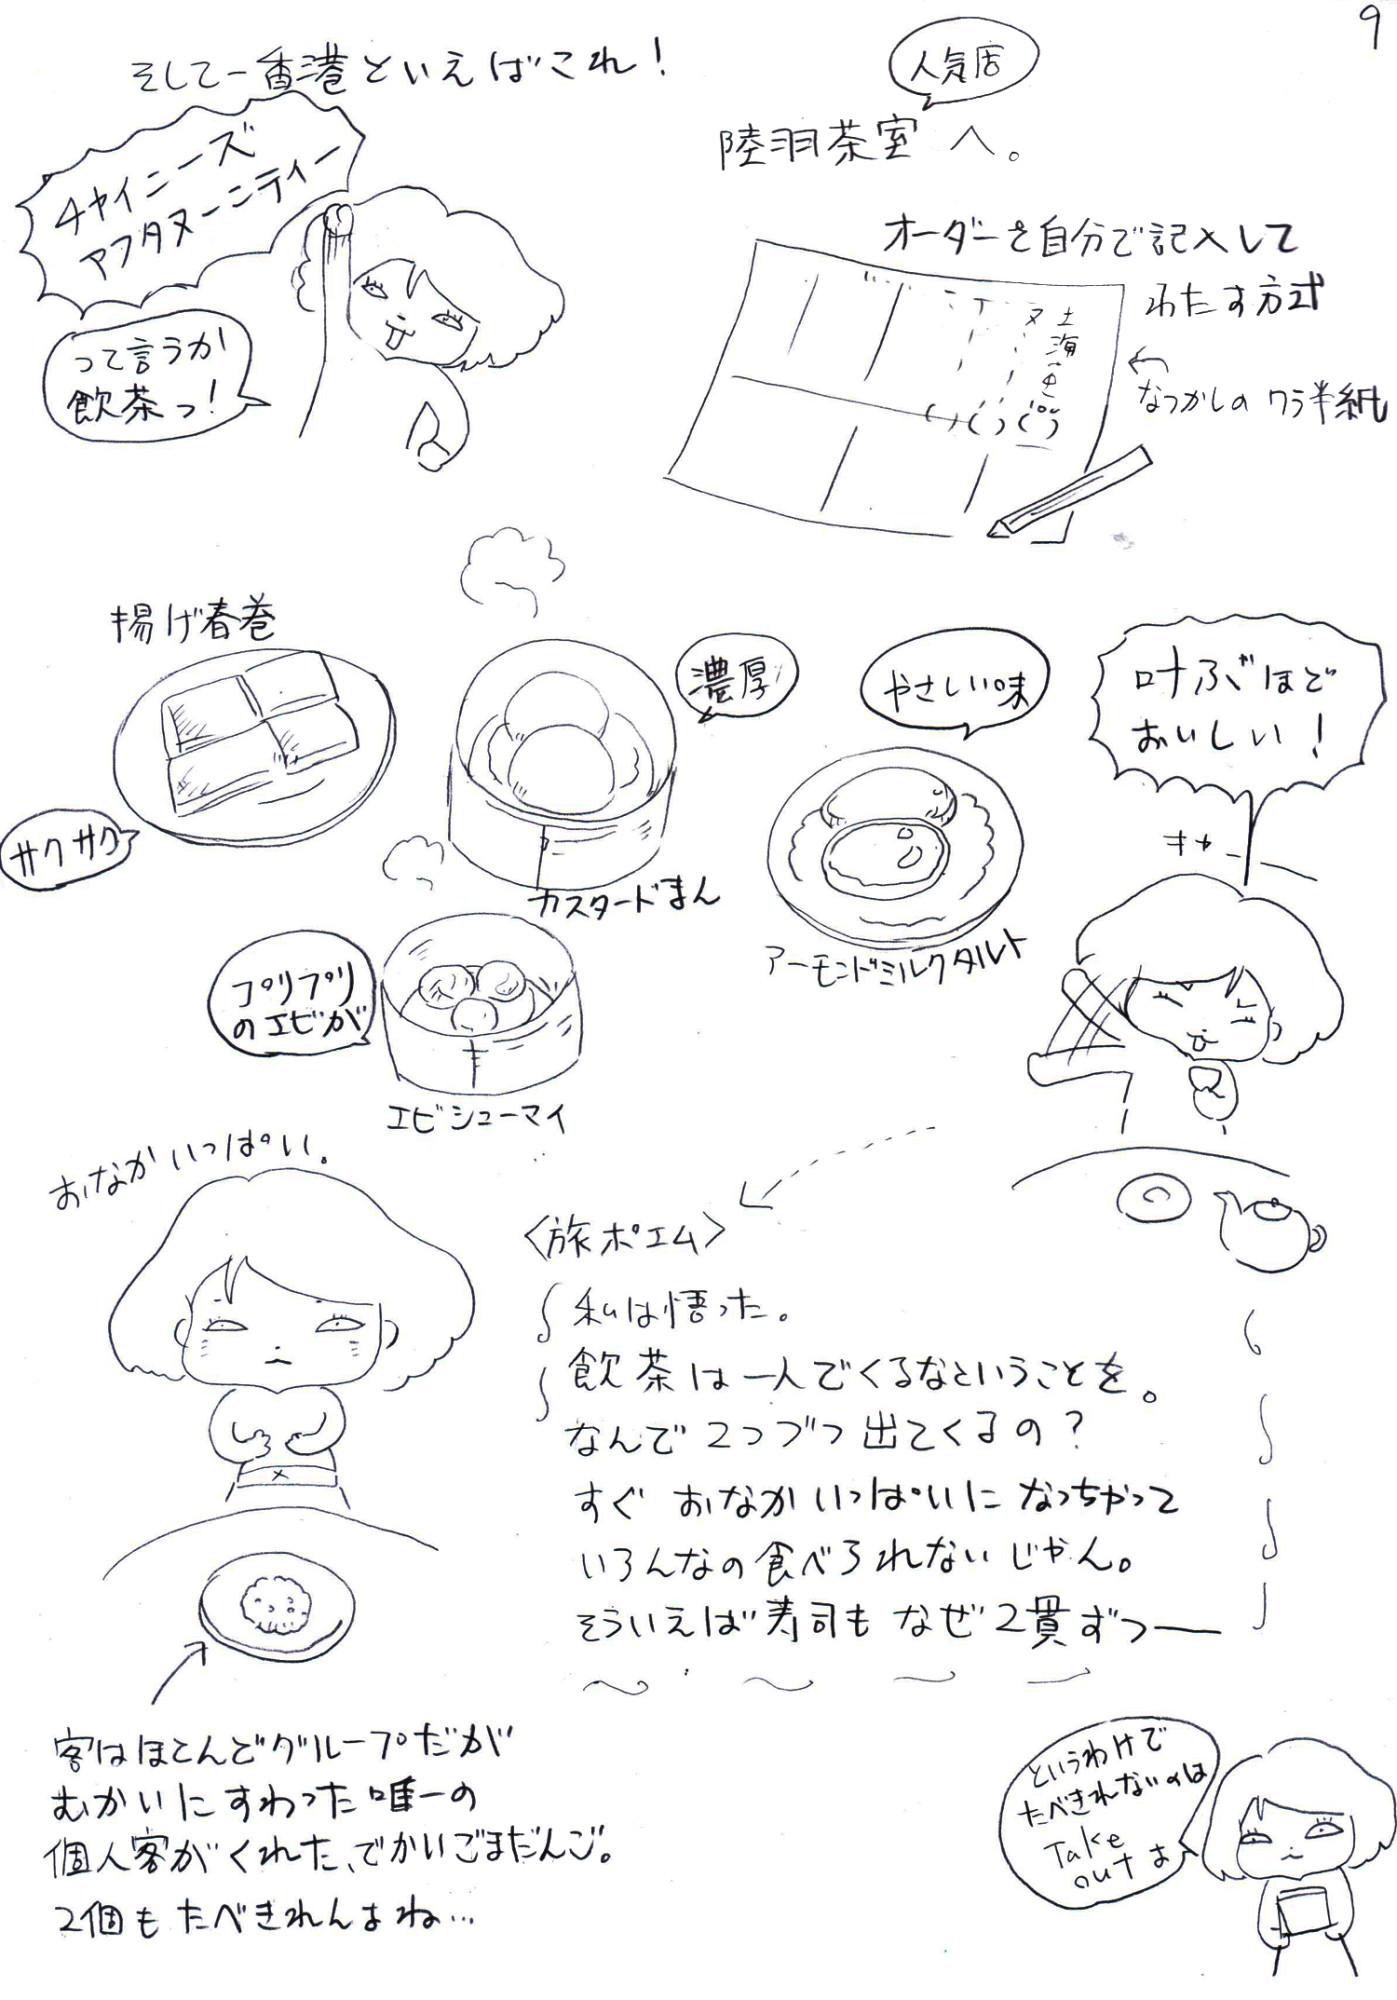 イメージ (87)